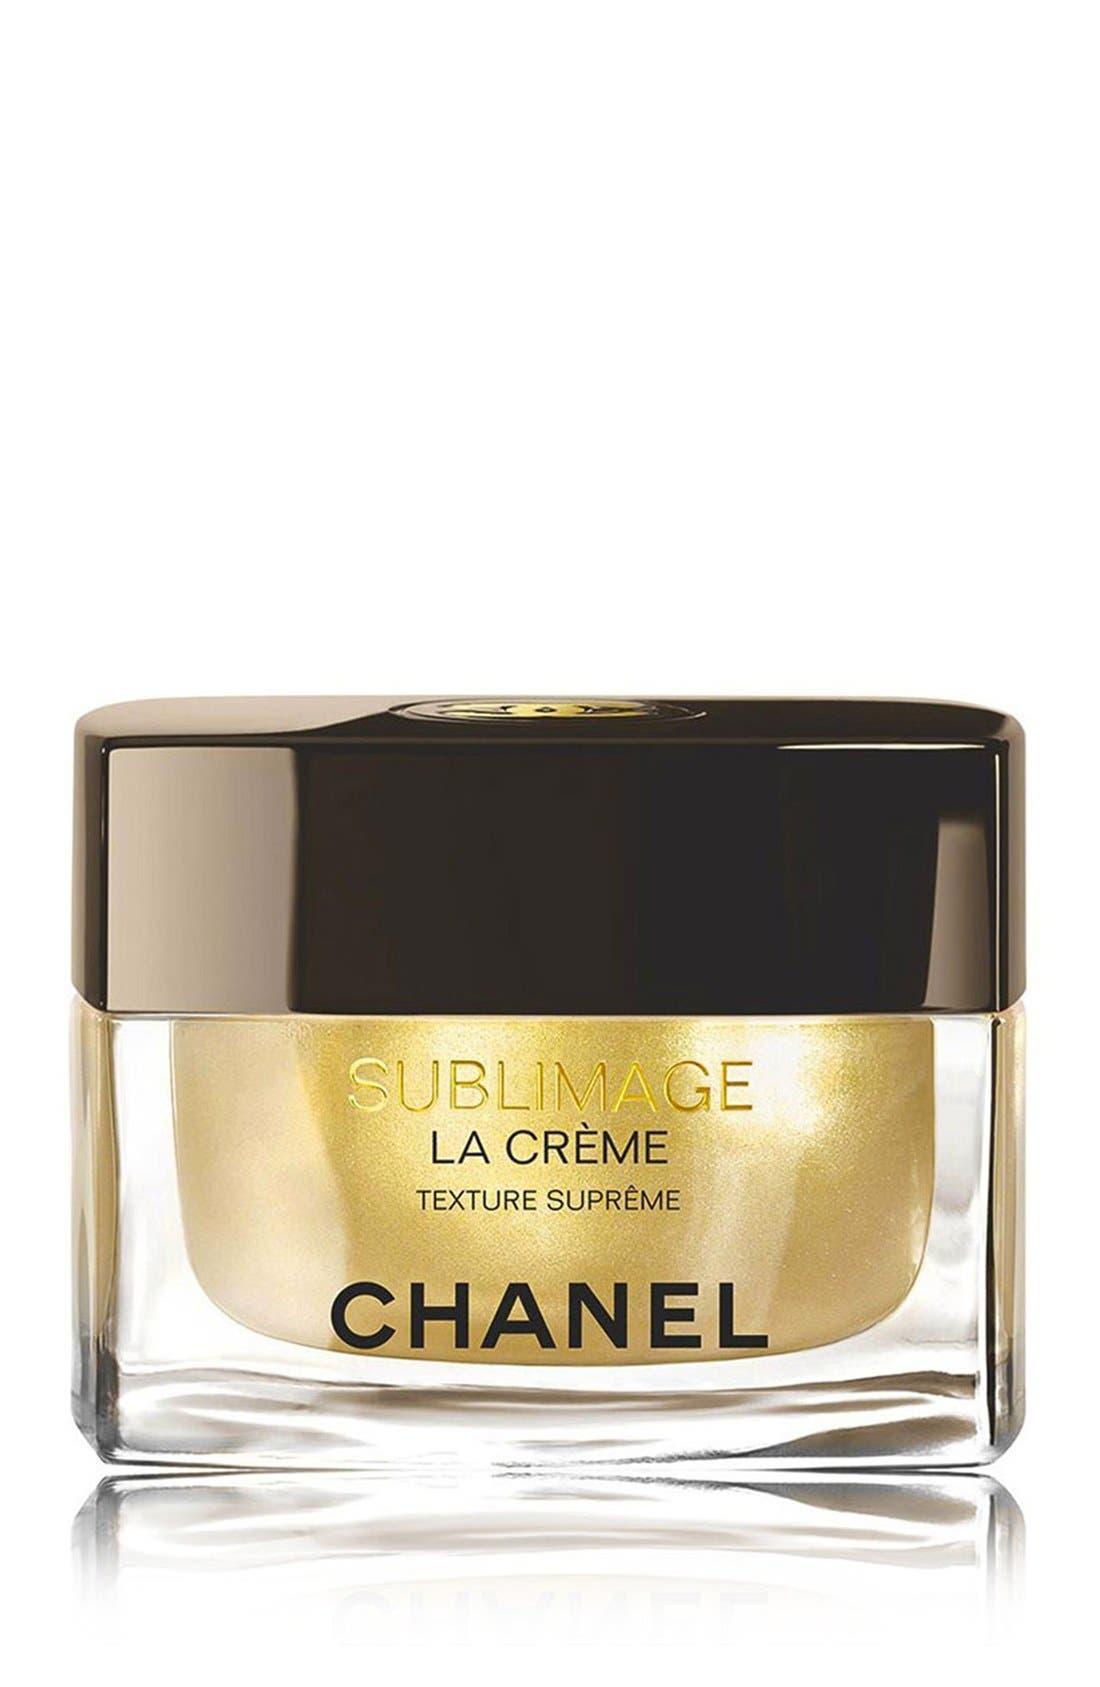 CHANEL SUBLIMAGE LA CRÈME  Ultimate Skin Regeneration - Texture Suprême